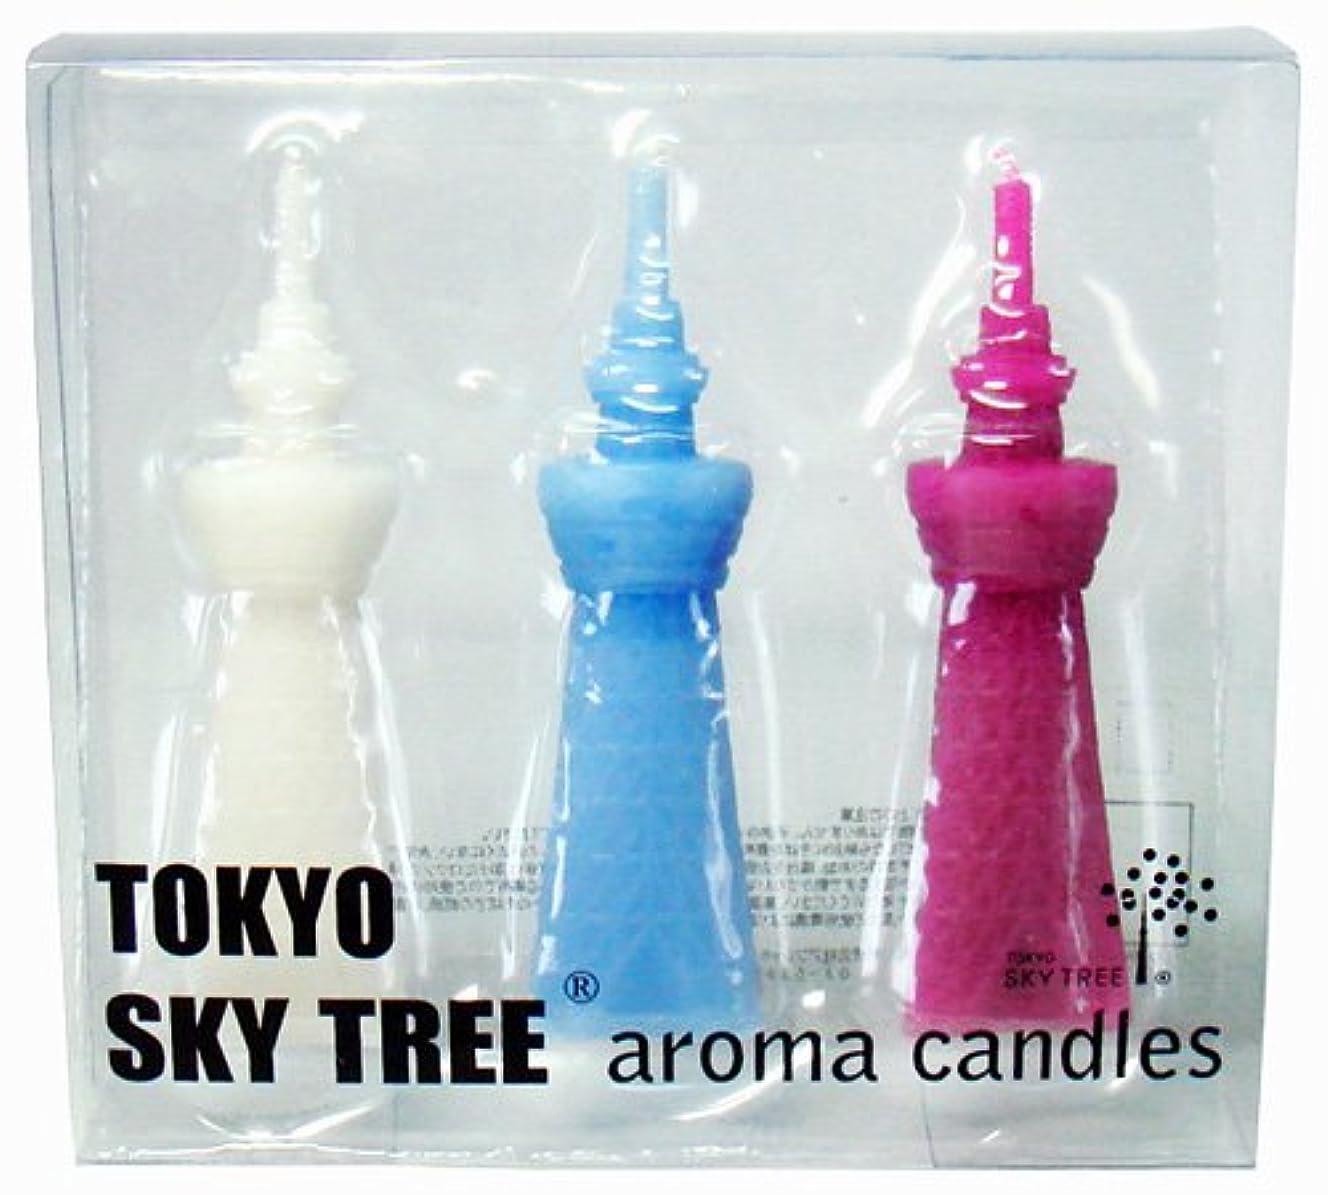 想起所有者じゃがいも東京スカイツリー(R) アロマキャンドル3本セット